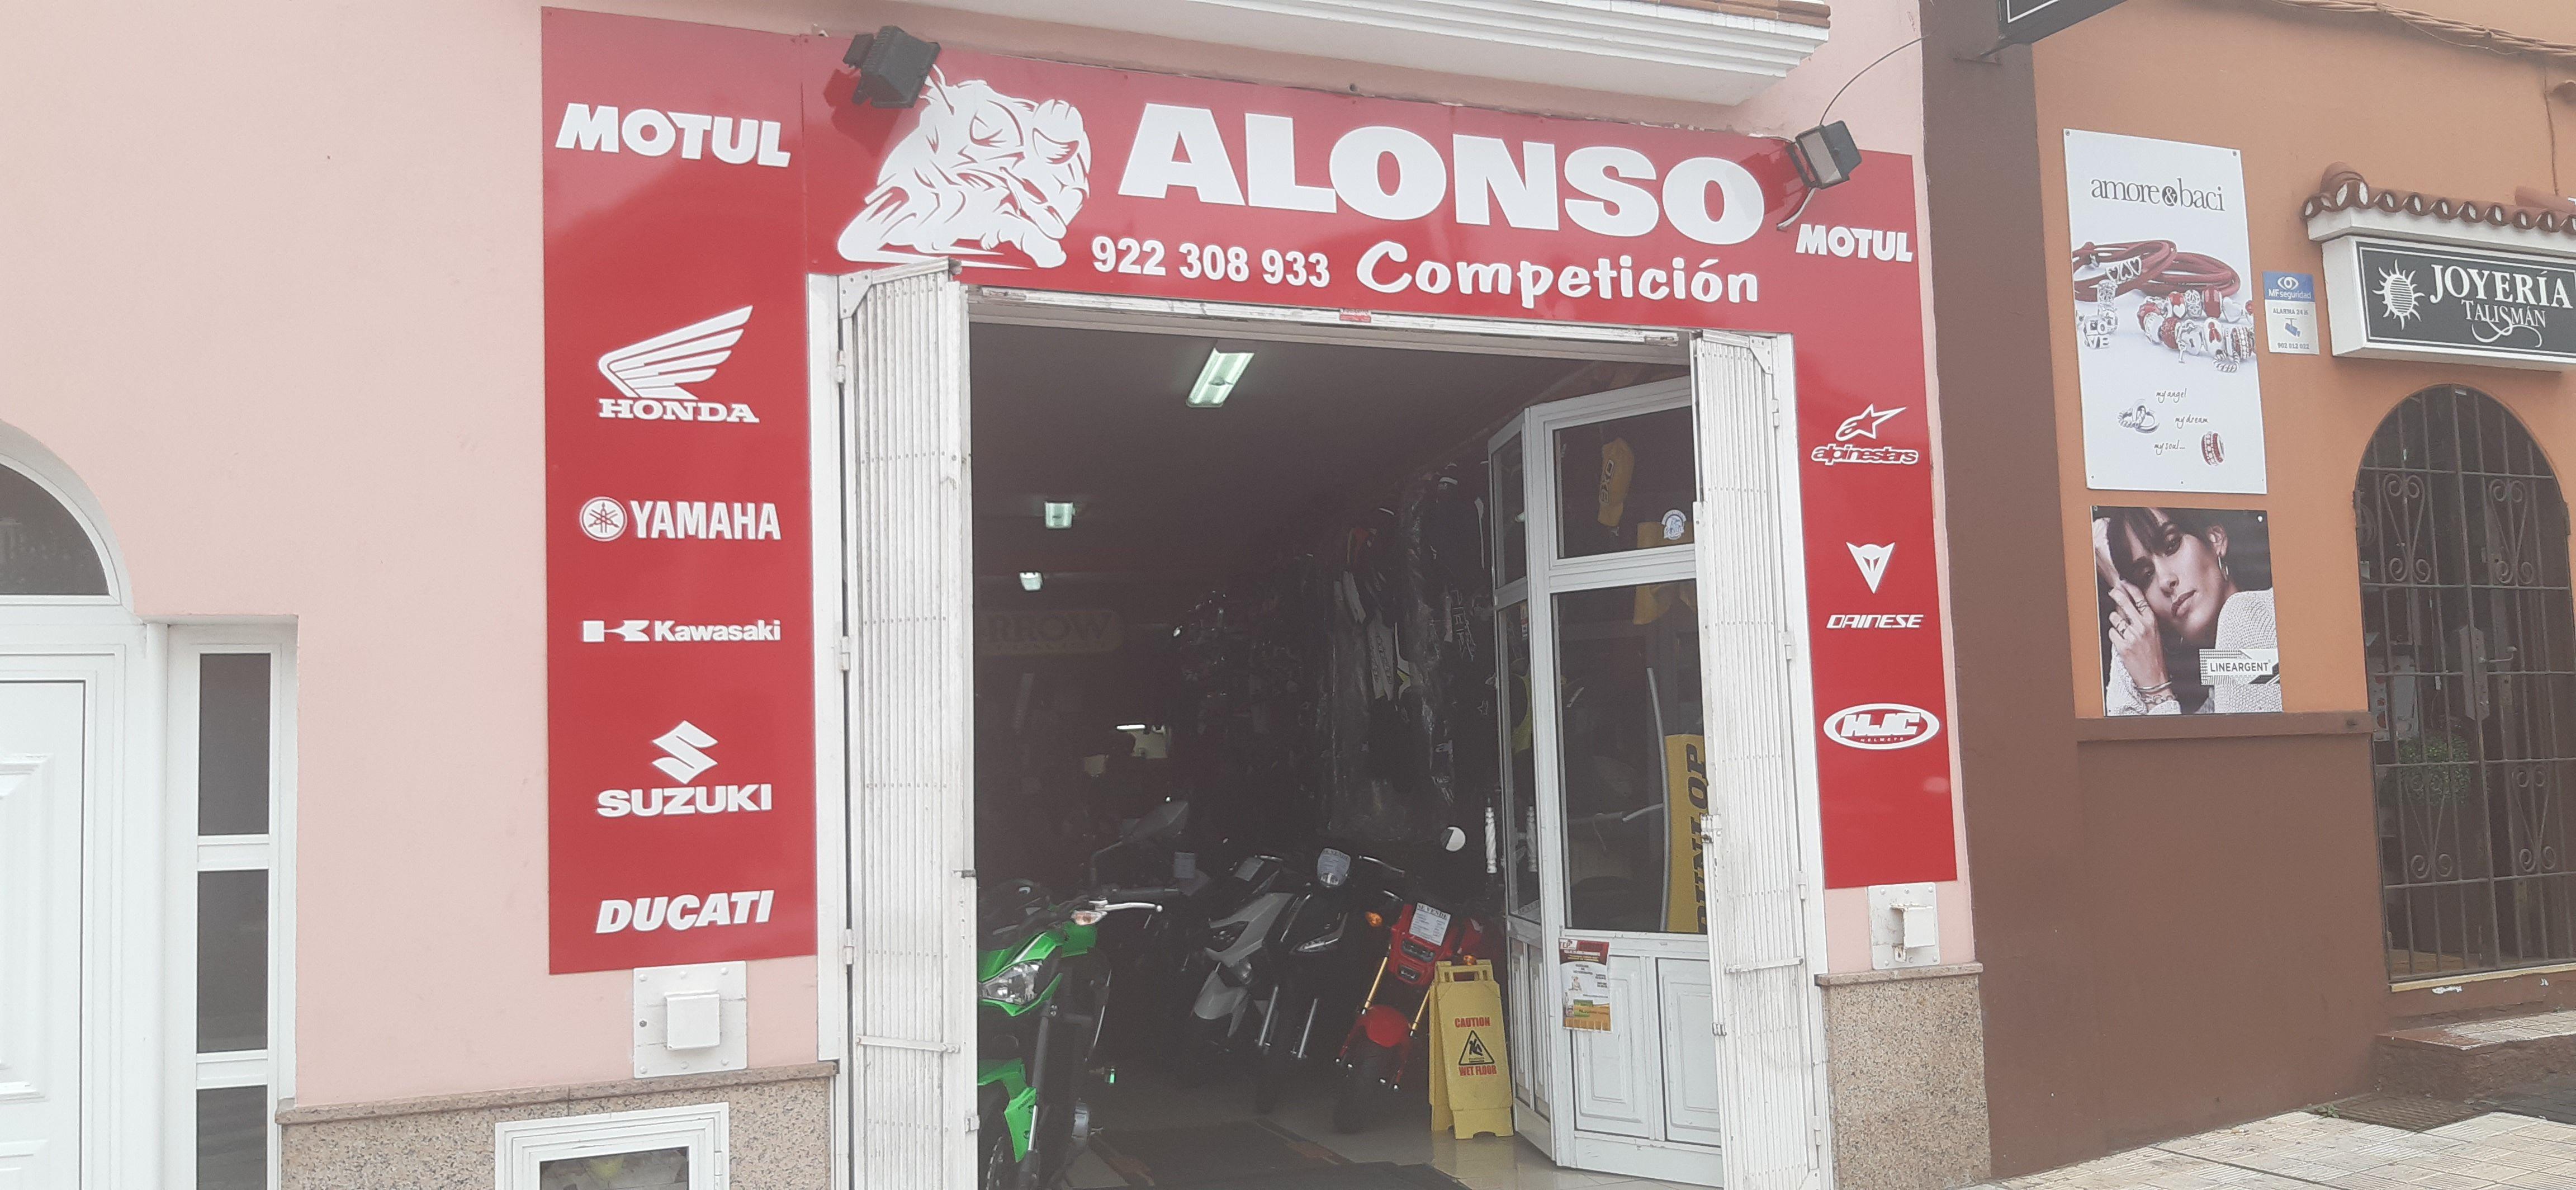 Foto 2 de Motos en La Orotava | Alonso Competición